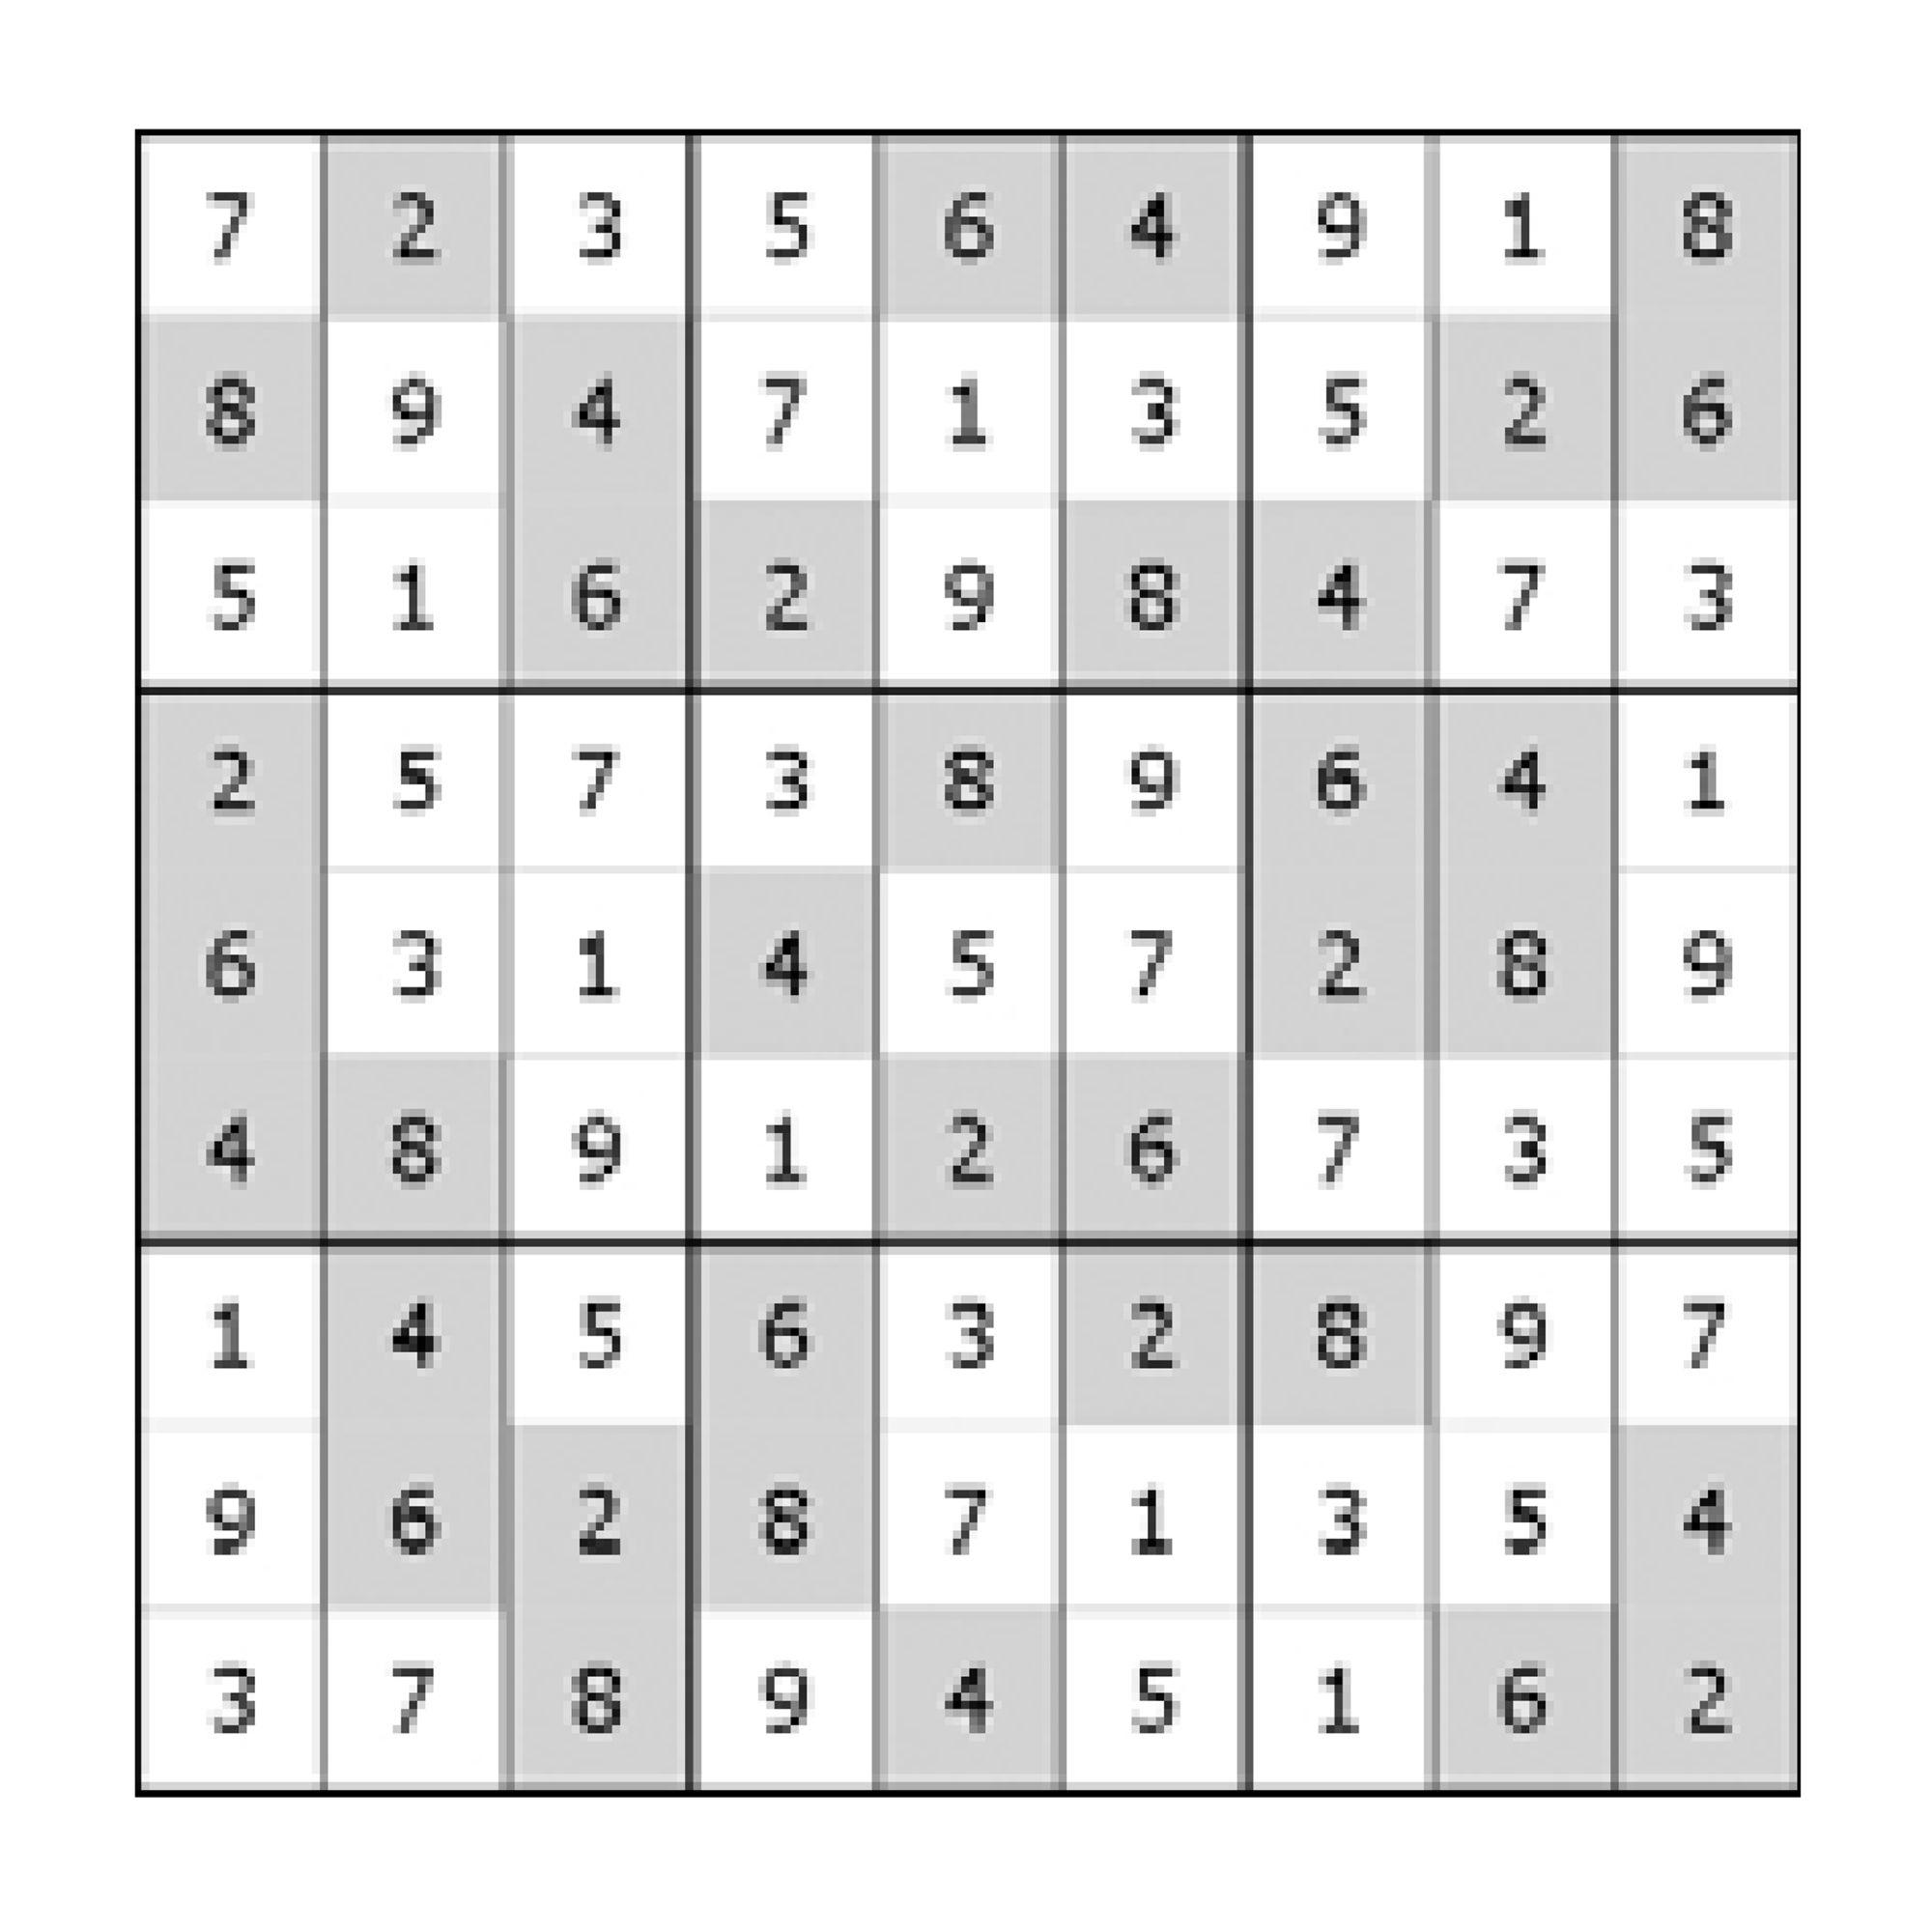 Ukázka vyluštěného útvaru - Sudá alichá sudoku Turpress